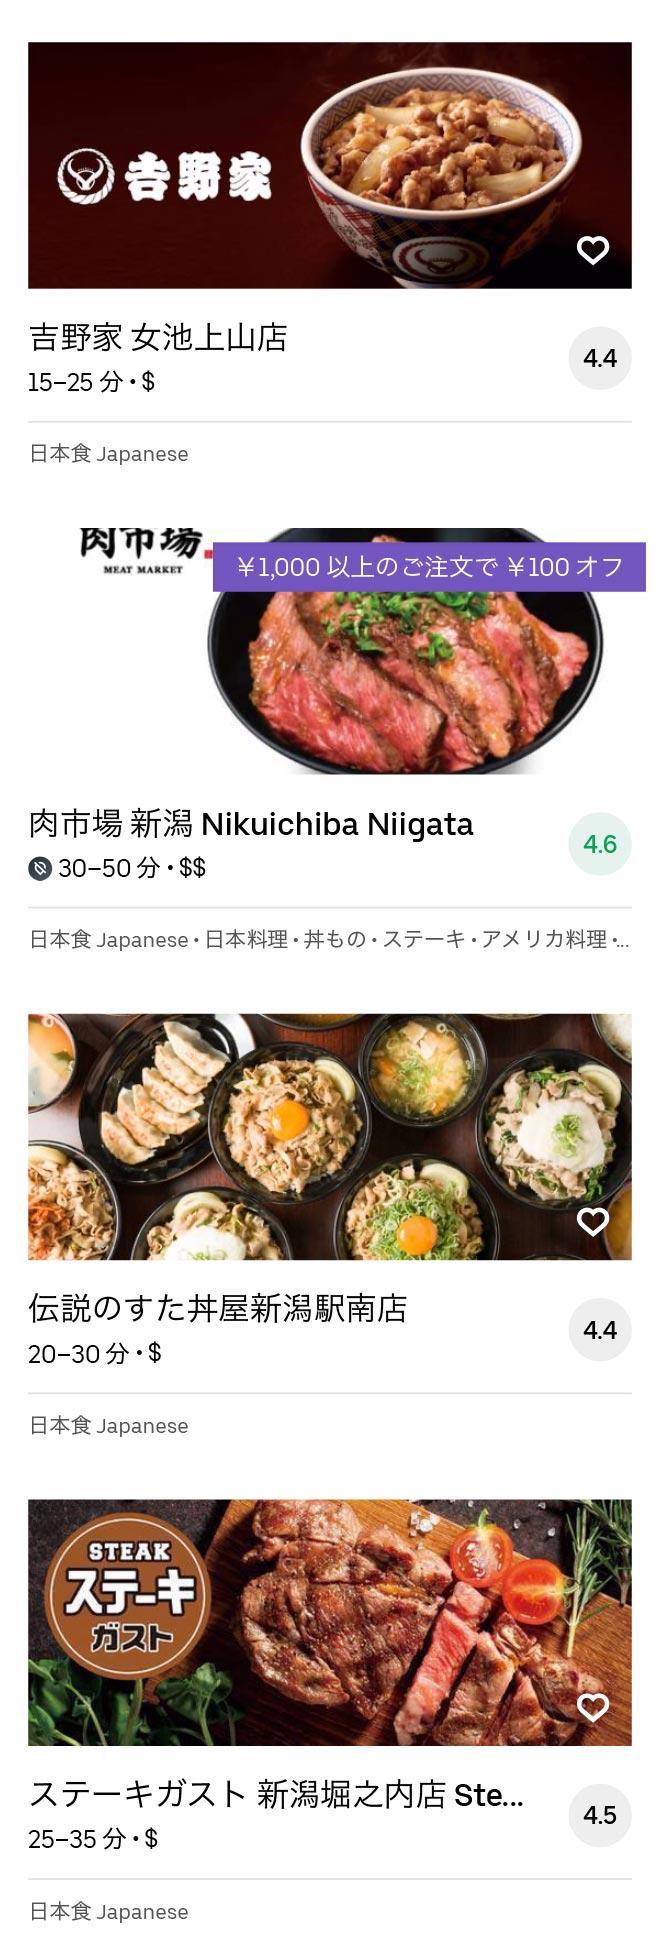 Niigata kamiyama menu 2007 03